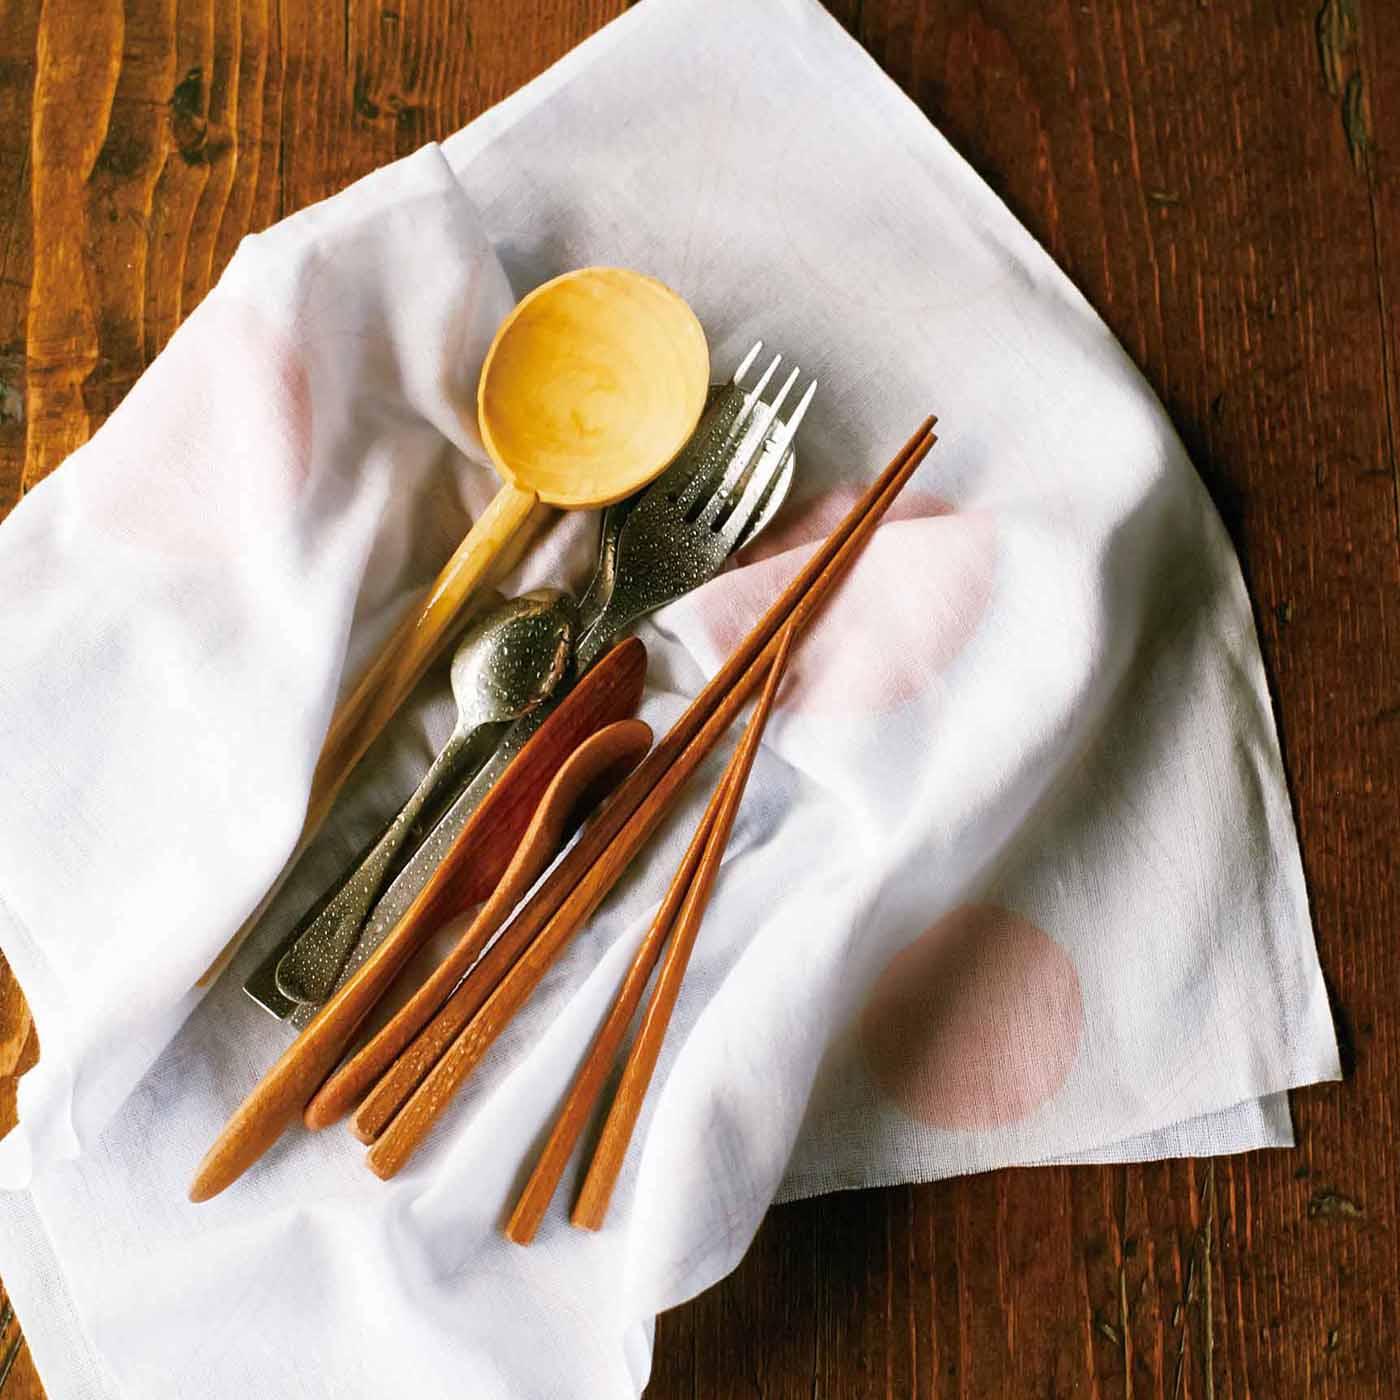 〈乾かす〉大切な食器もやわらかくふけます。水気をさっと吸って、乾きやすいのもうれしい。